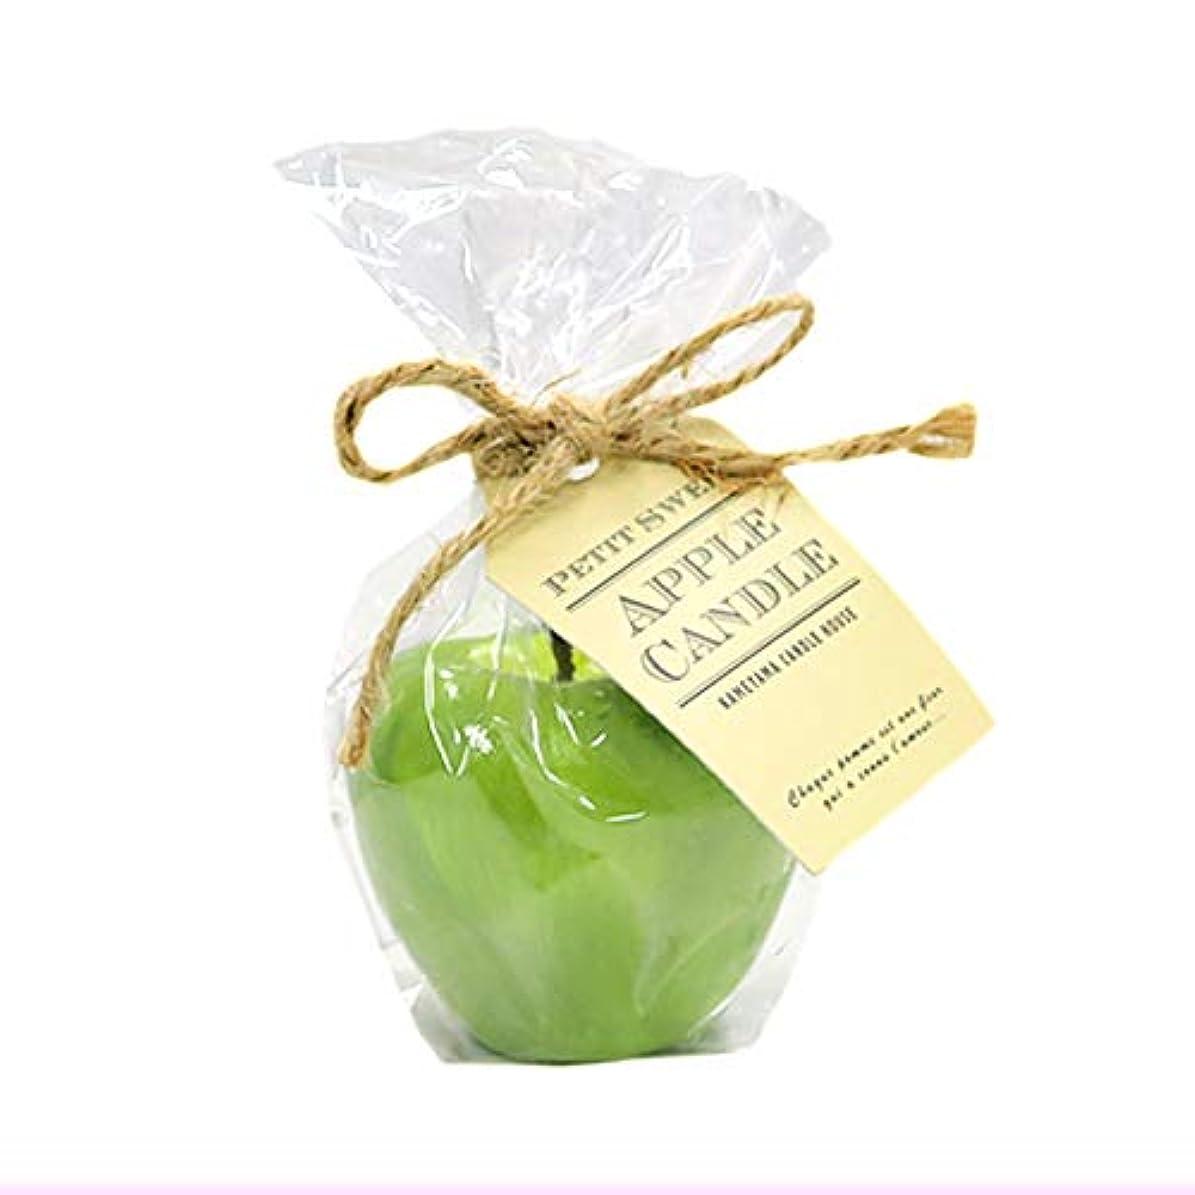 剪断店主商人カメヤマキャンドルハウス プチスイートアップルフローティングキャンドル グリーン アップルの香りつき